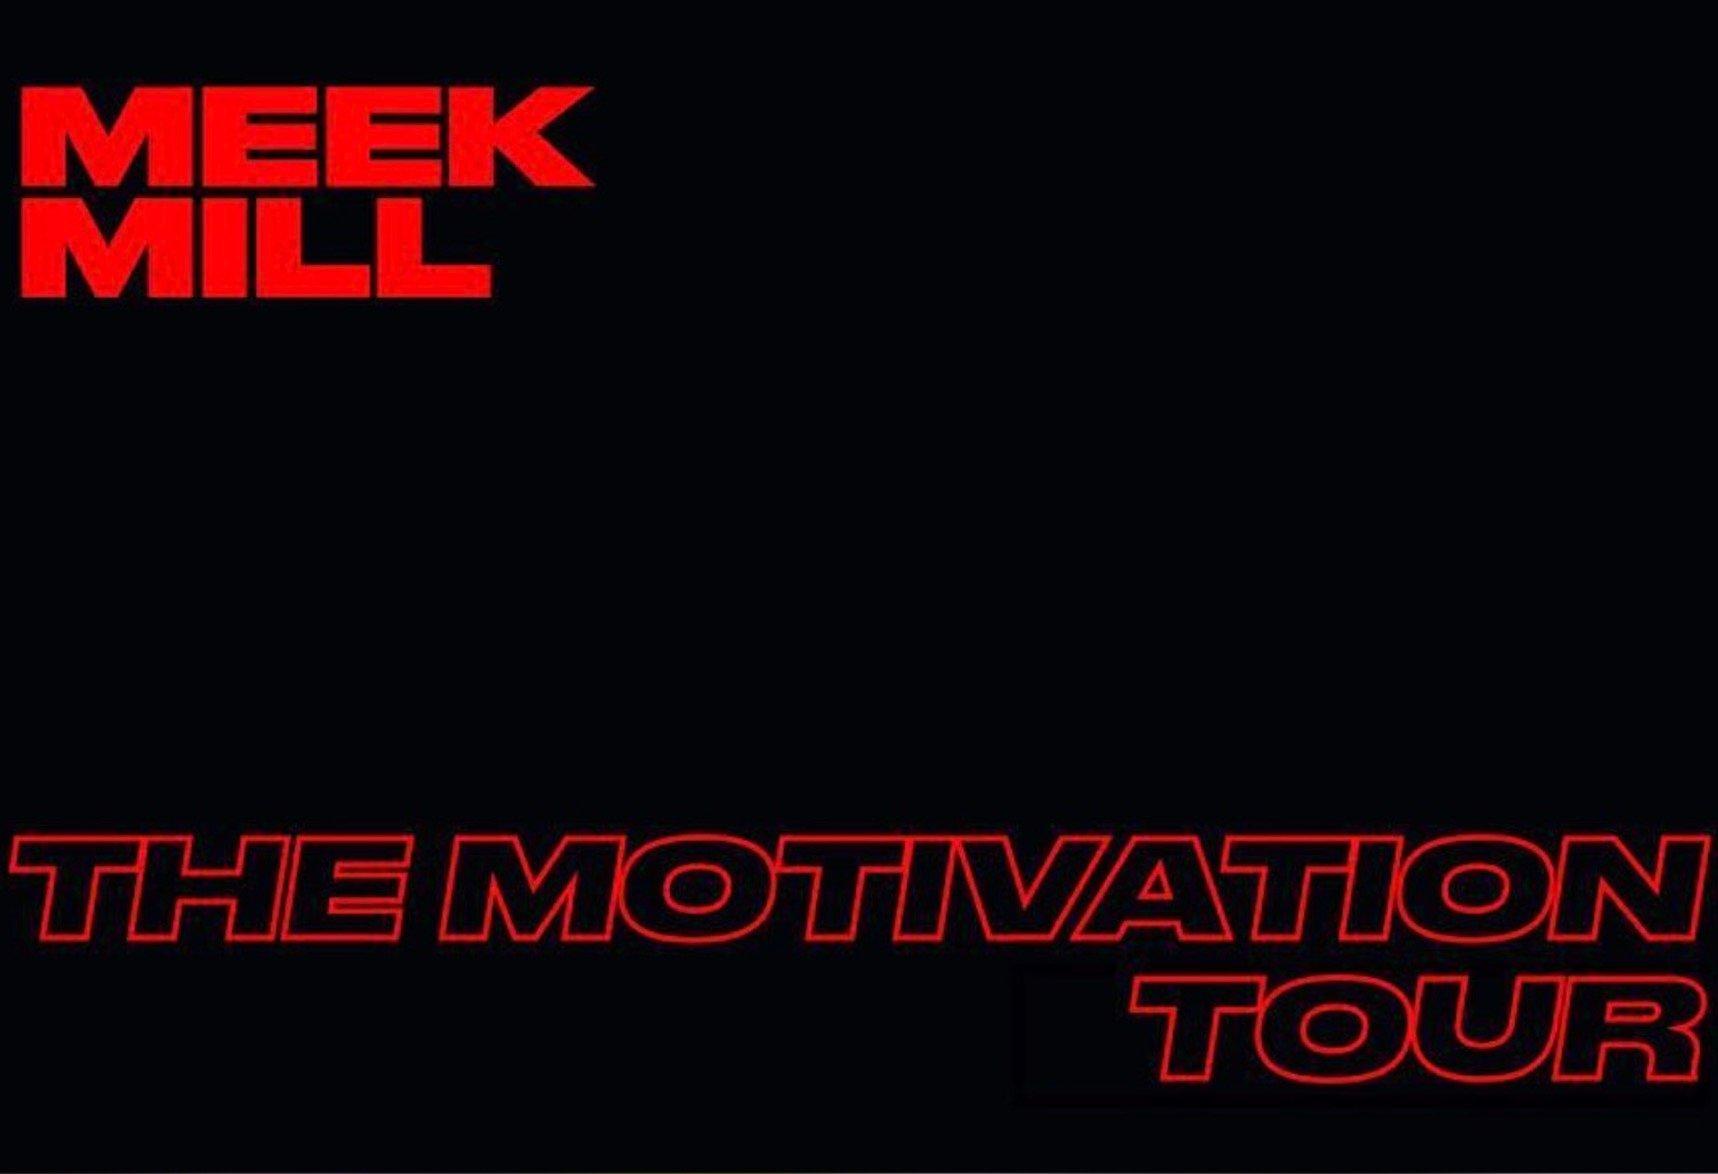 Meek Mill Motivational Tour